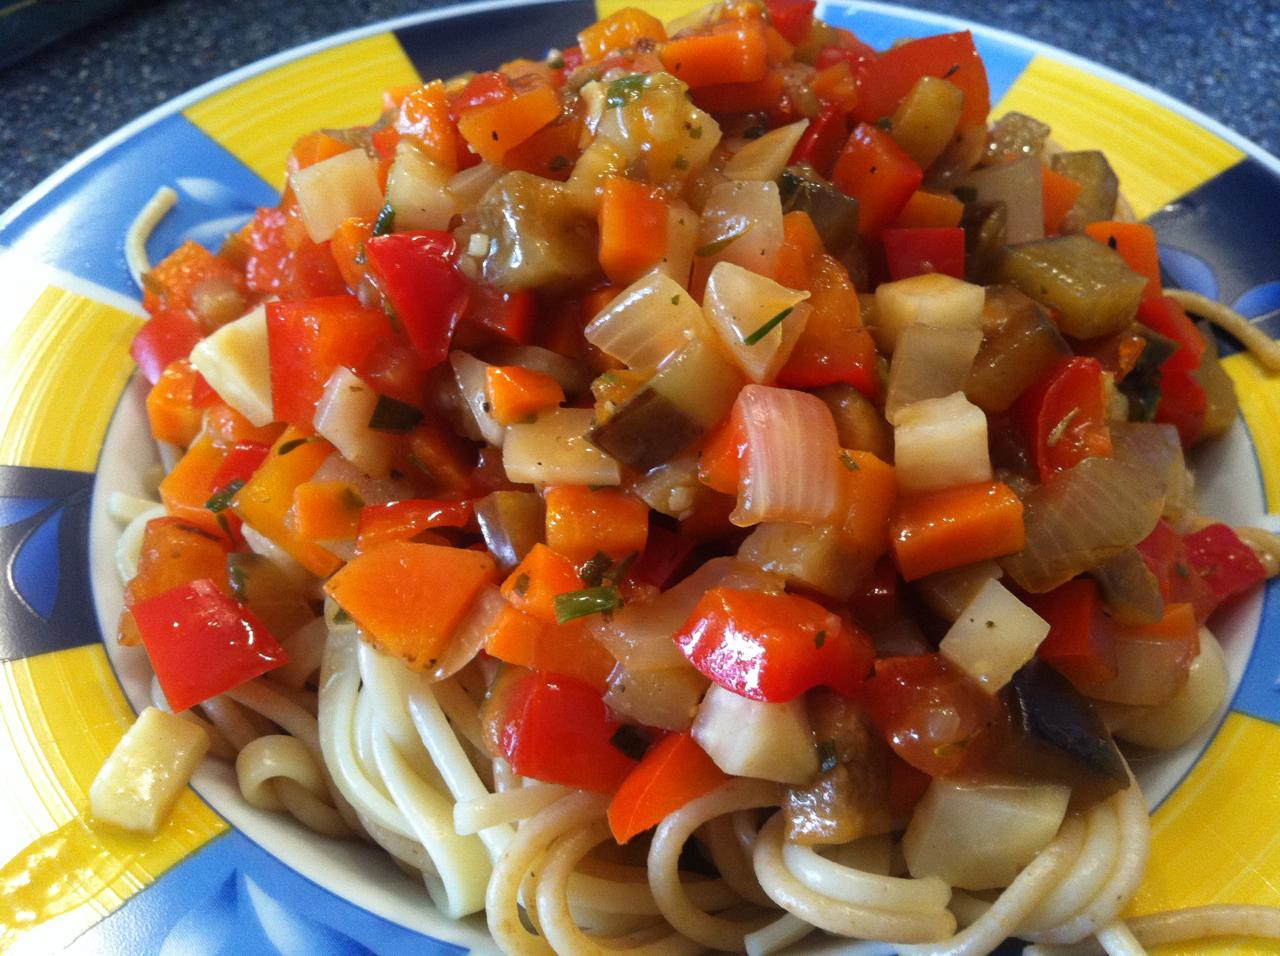 cloudy 39 s food blog pasta mit gem sesauce. Black Bedroom Furniture Sets. Home Design Ideas